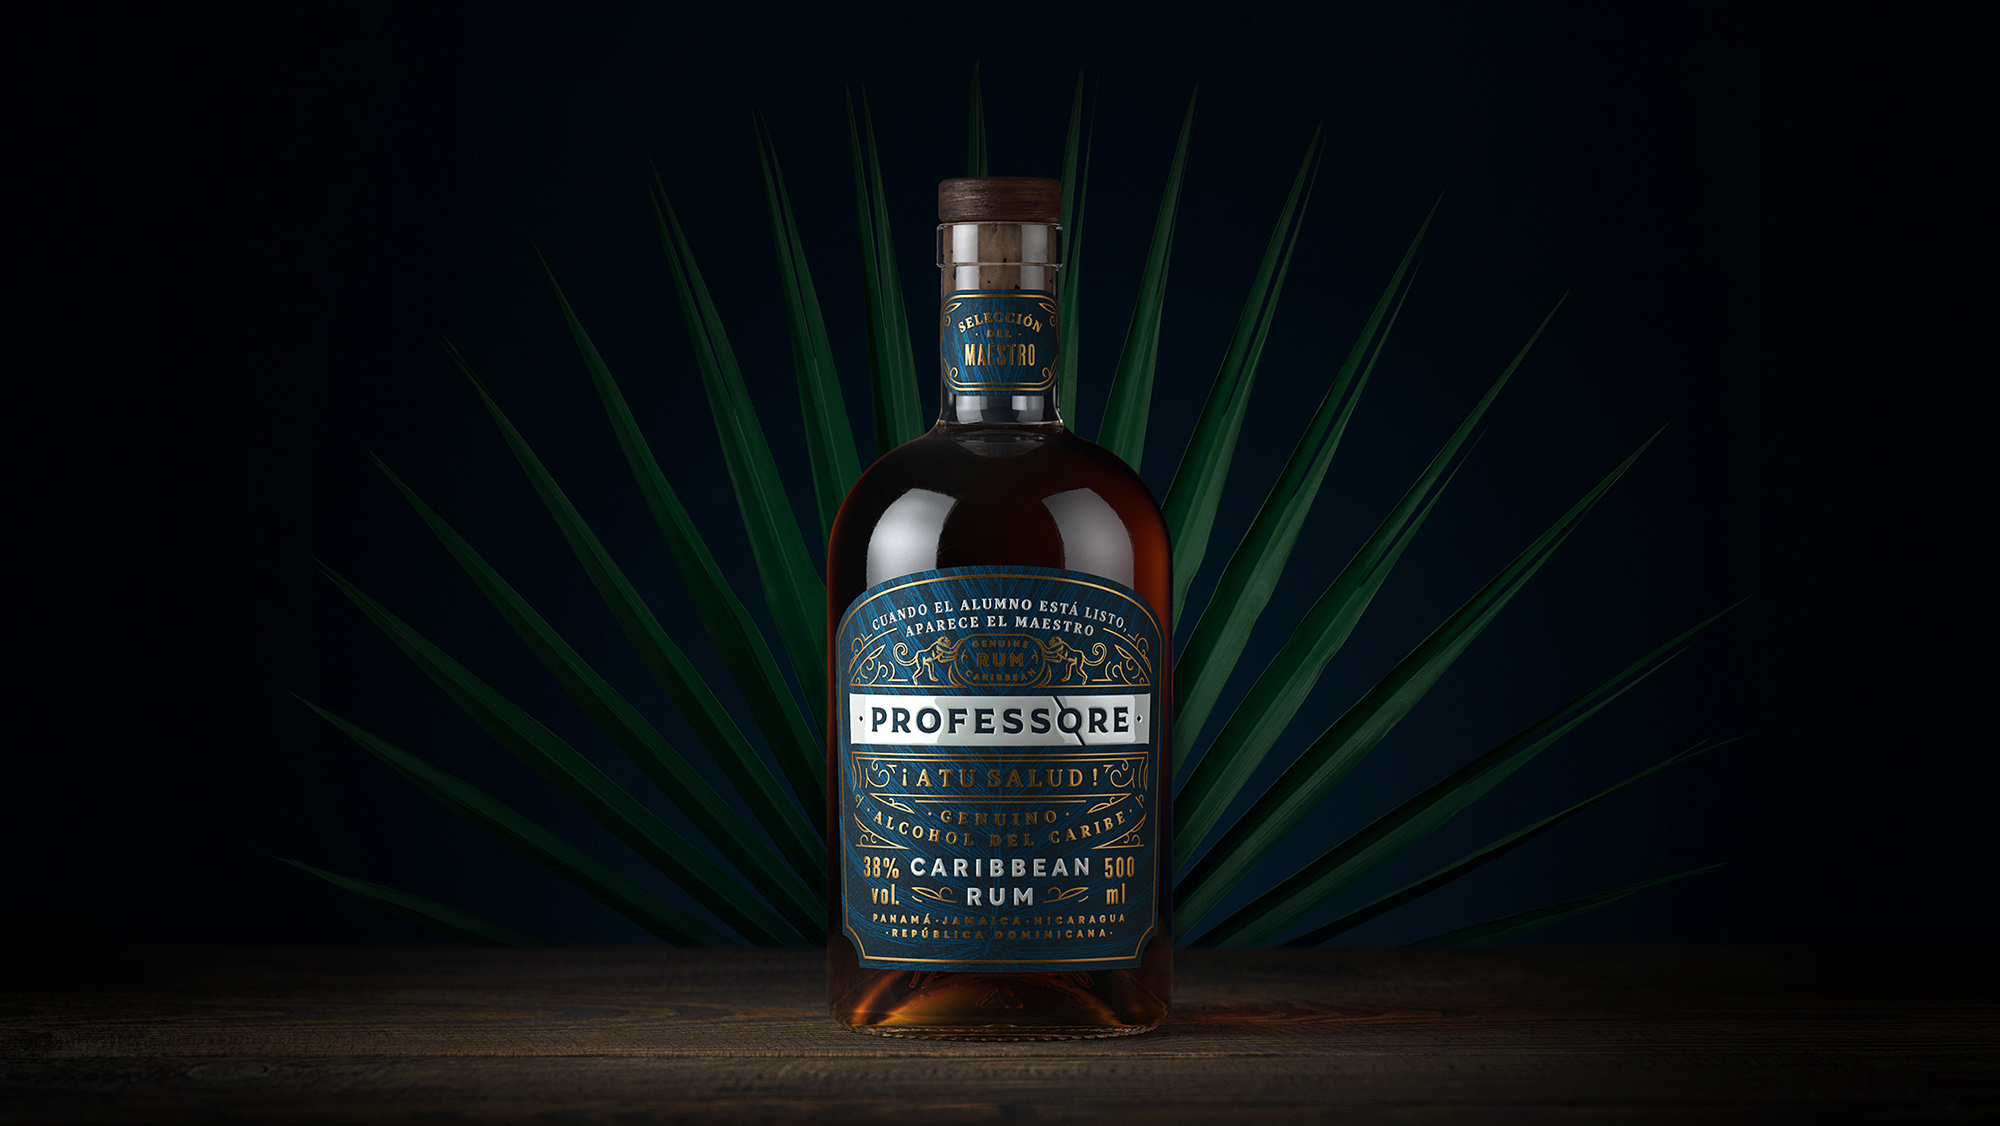 Professore Caribbean Rum Label Design by Amoth Studio